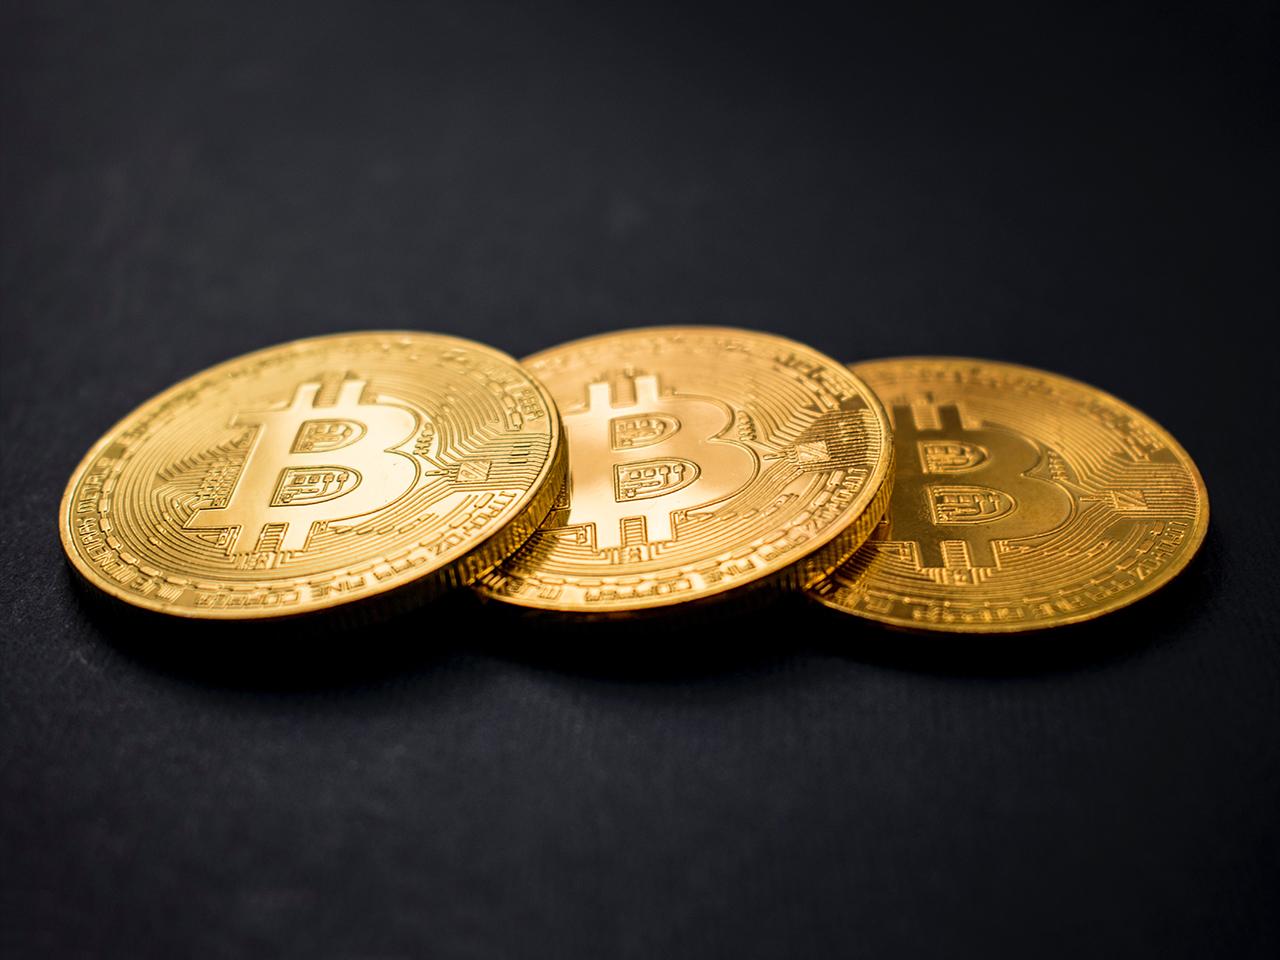 Les crypto-monnaies - Le 17 novembre 2017, les membres du Club Boma France se réunissent pour participer à une grande soirée sur la thématique des crypto-monnaies.Lire la suite